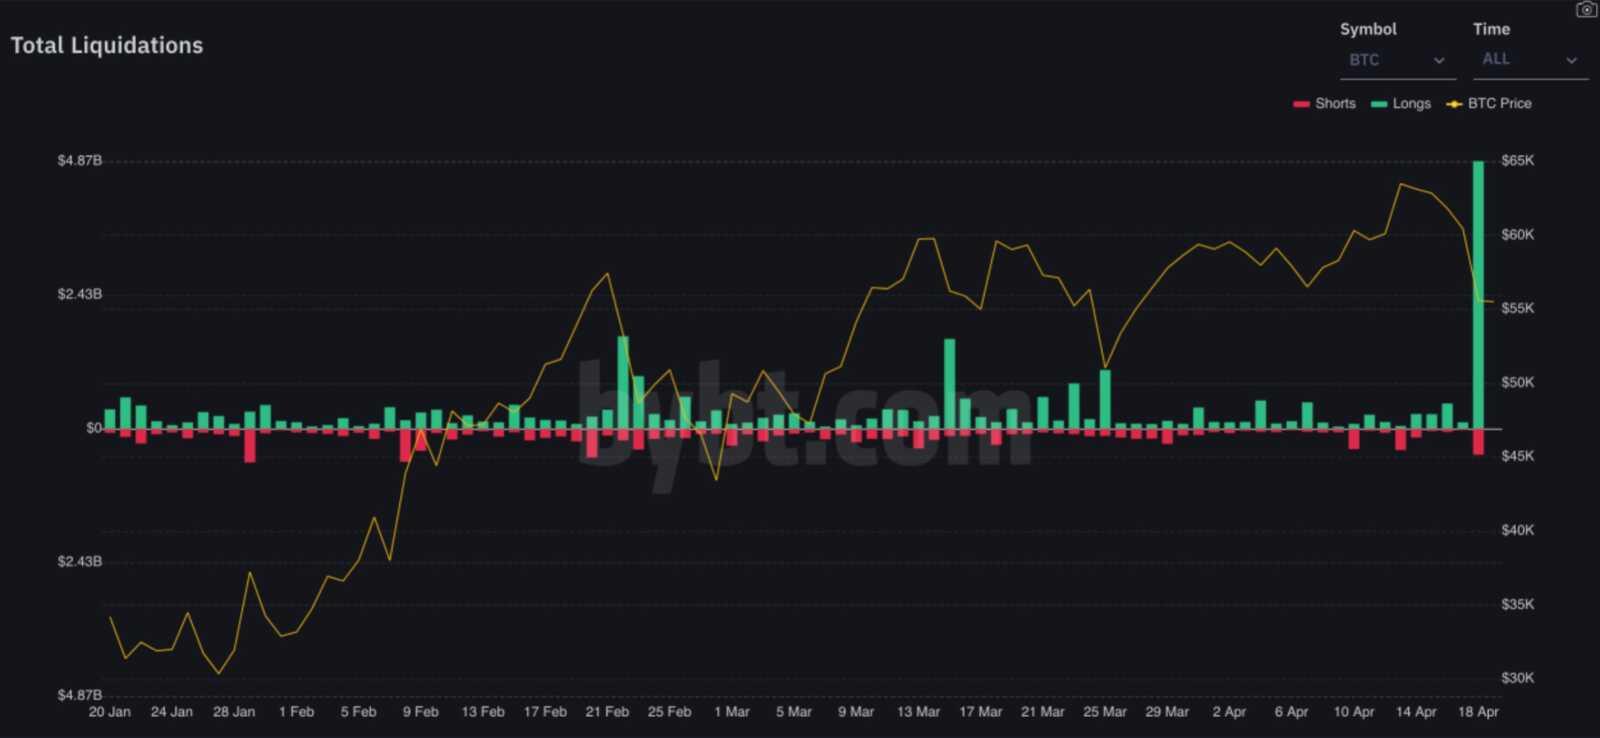 18 Nisan 2021 Bitcoin (BTC) Ani Düşüşünün Nedenleri